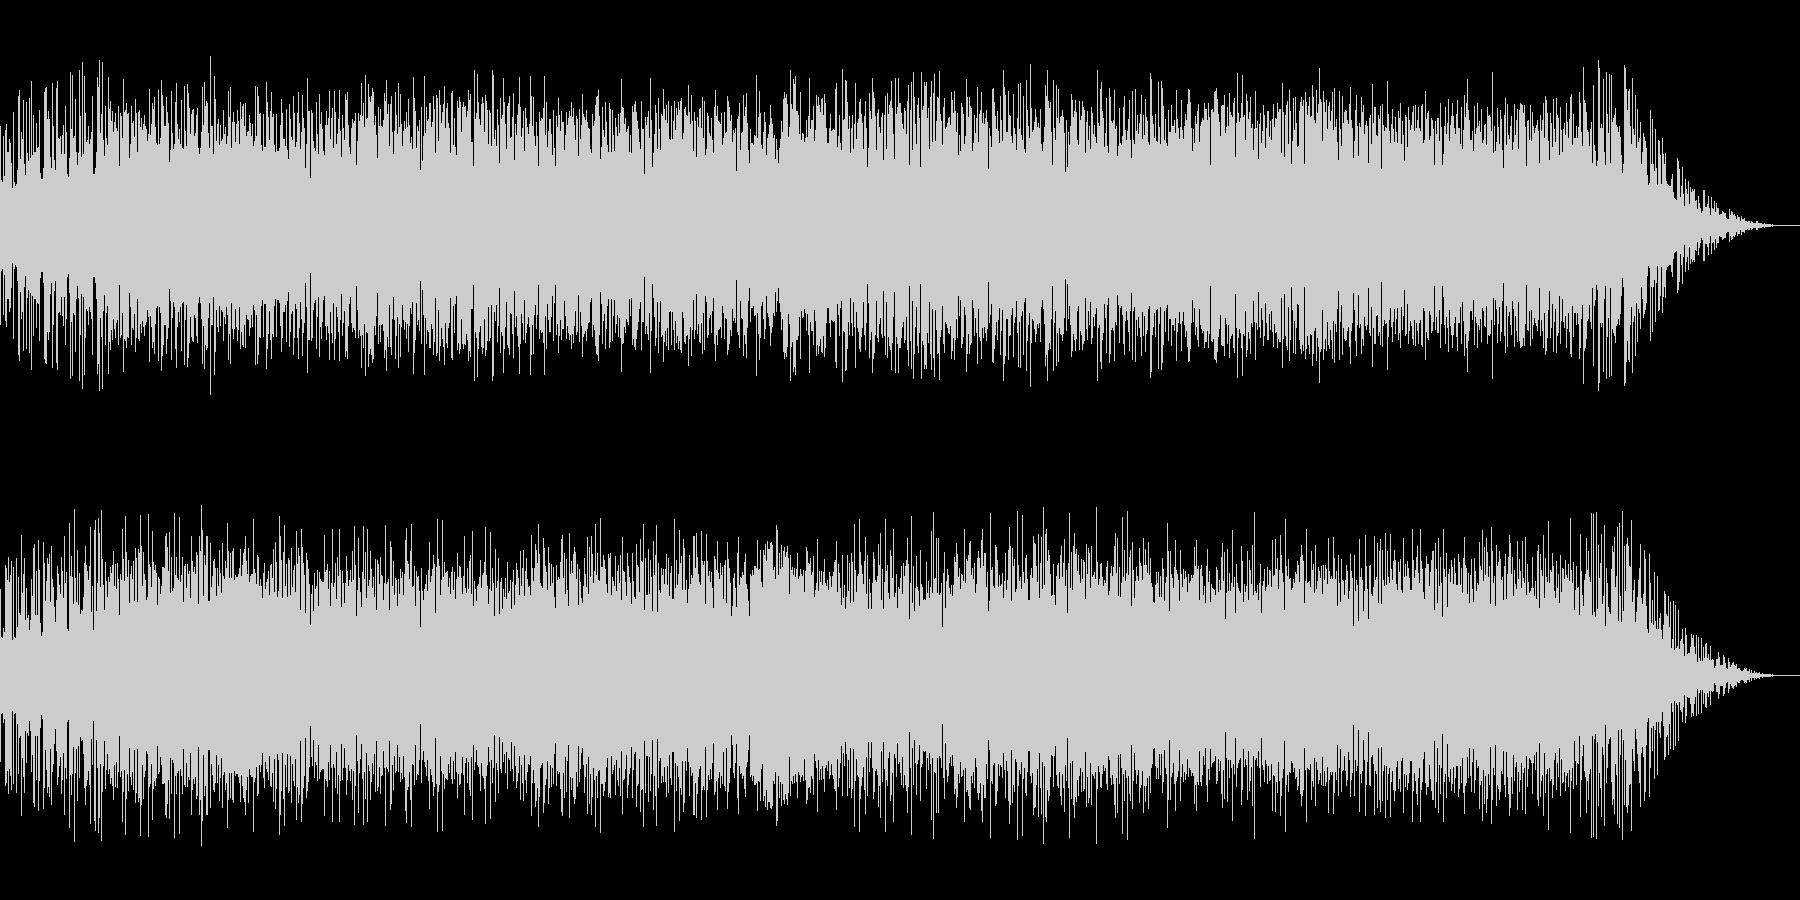 バルカン半島の熱狂的ジャズの様なBGMの未再生の波形